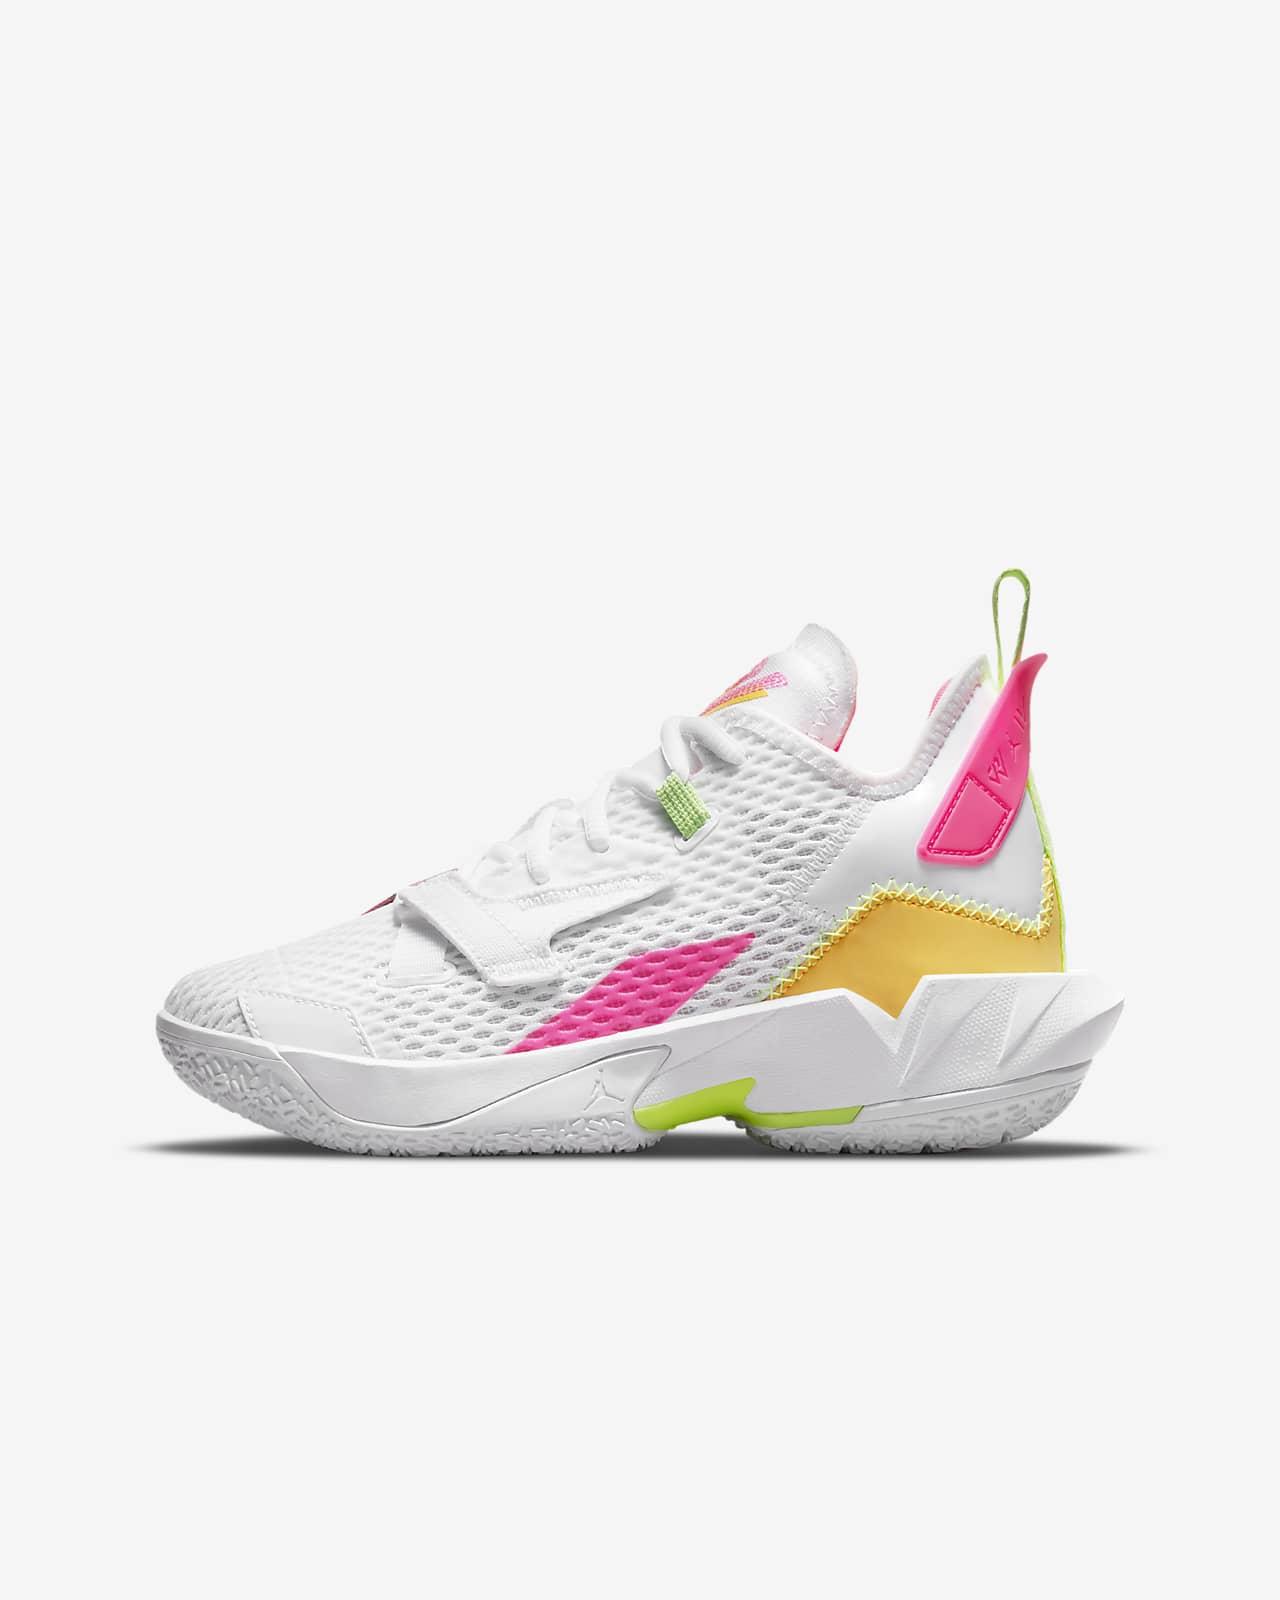 Jordan «Why Not?»Chaussure de basketball Zer0.4 pour Enfant plus âgé